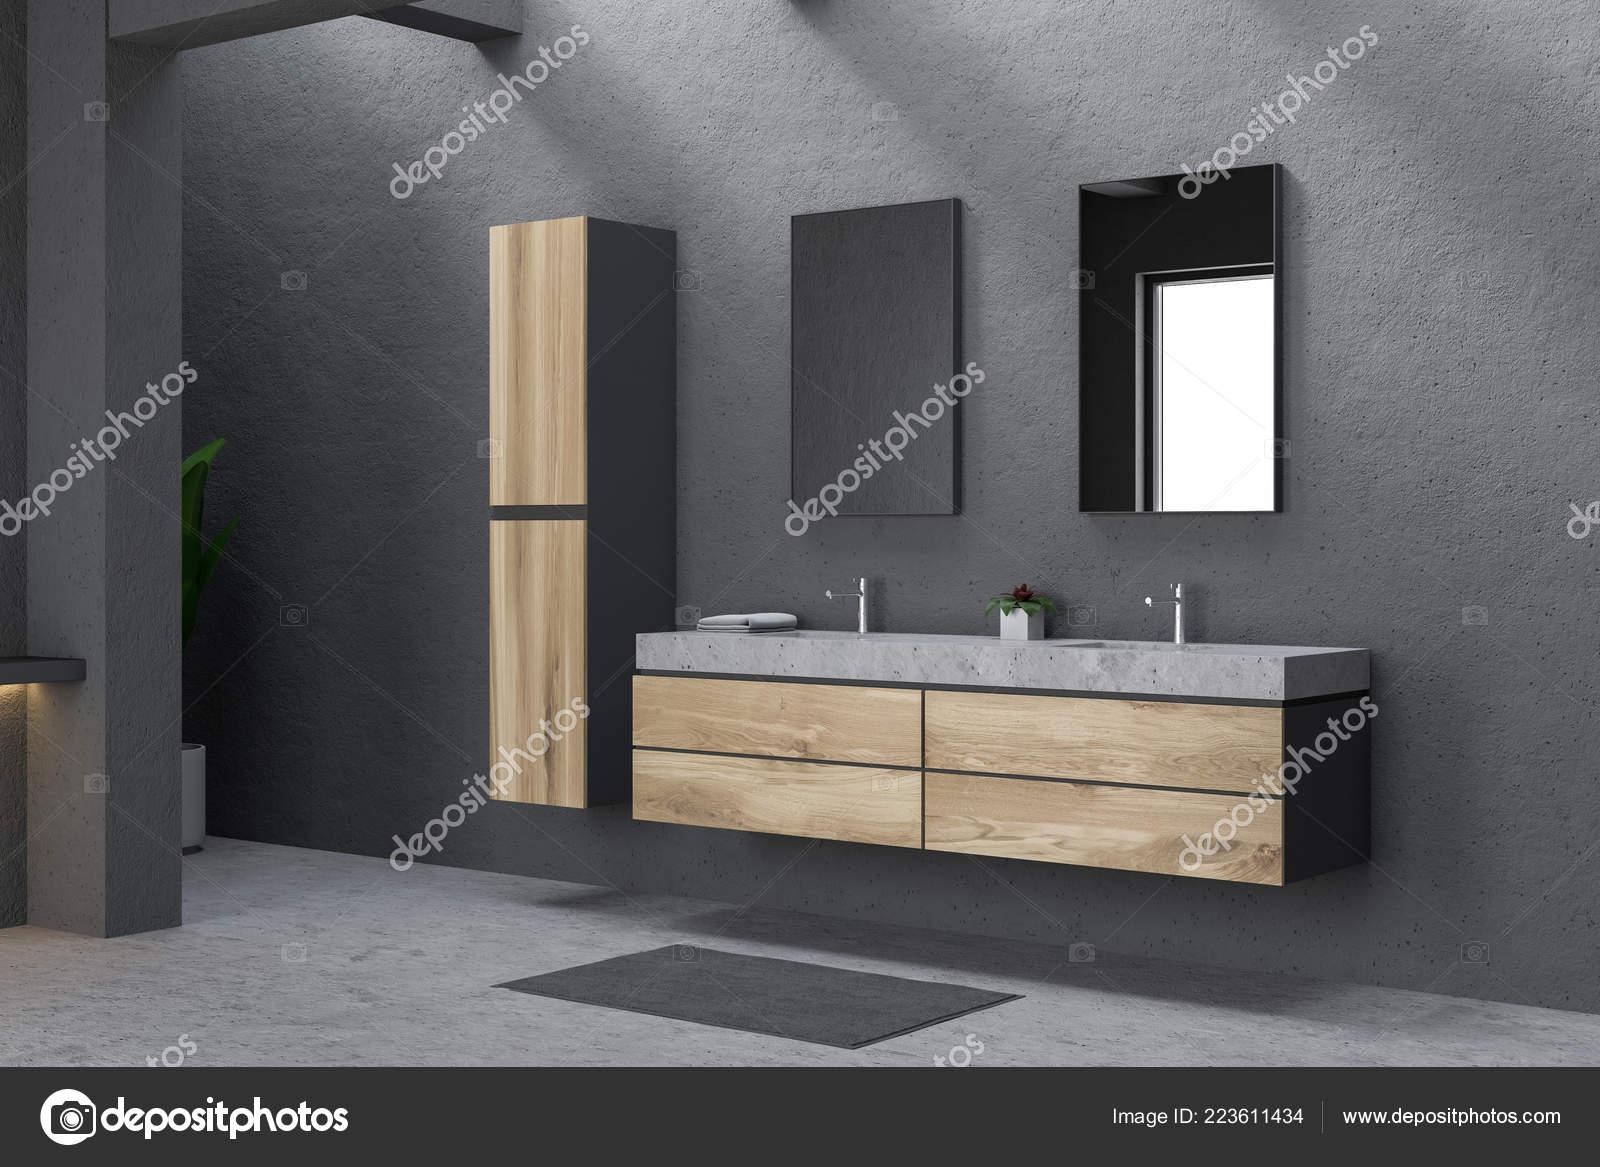 Fußboden Modern ~ Ecke des modernen badezimmer mit grauen wänden fußboden aus beton